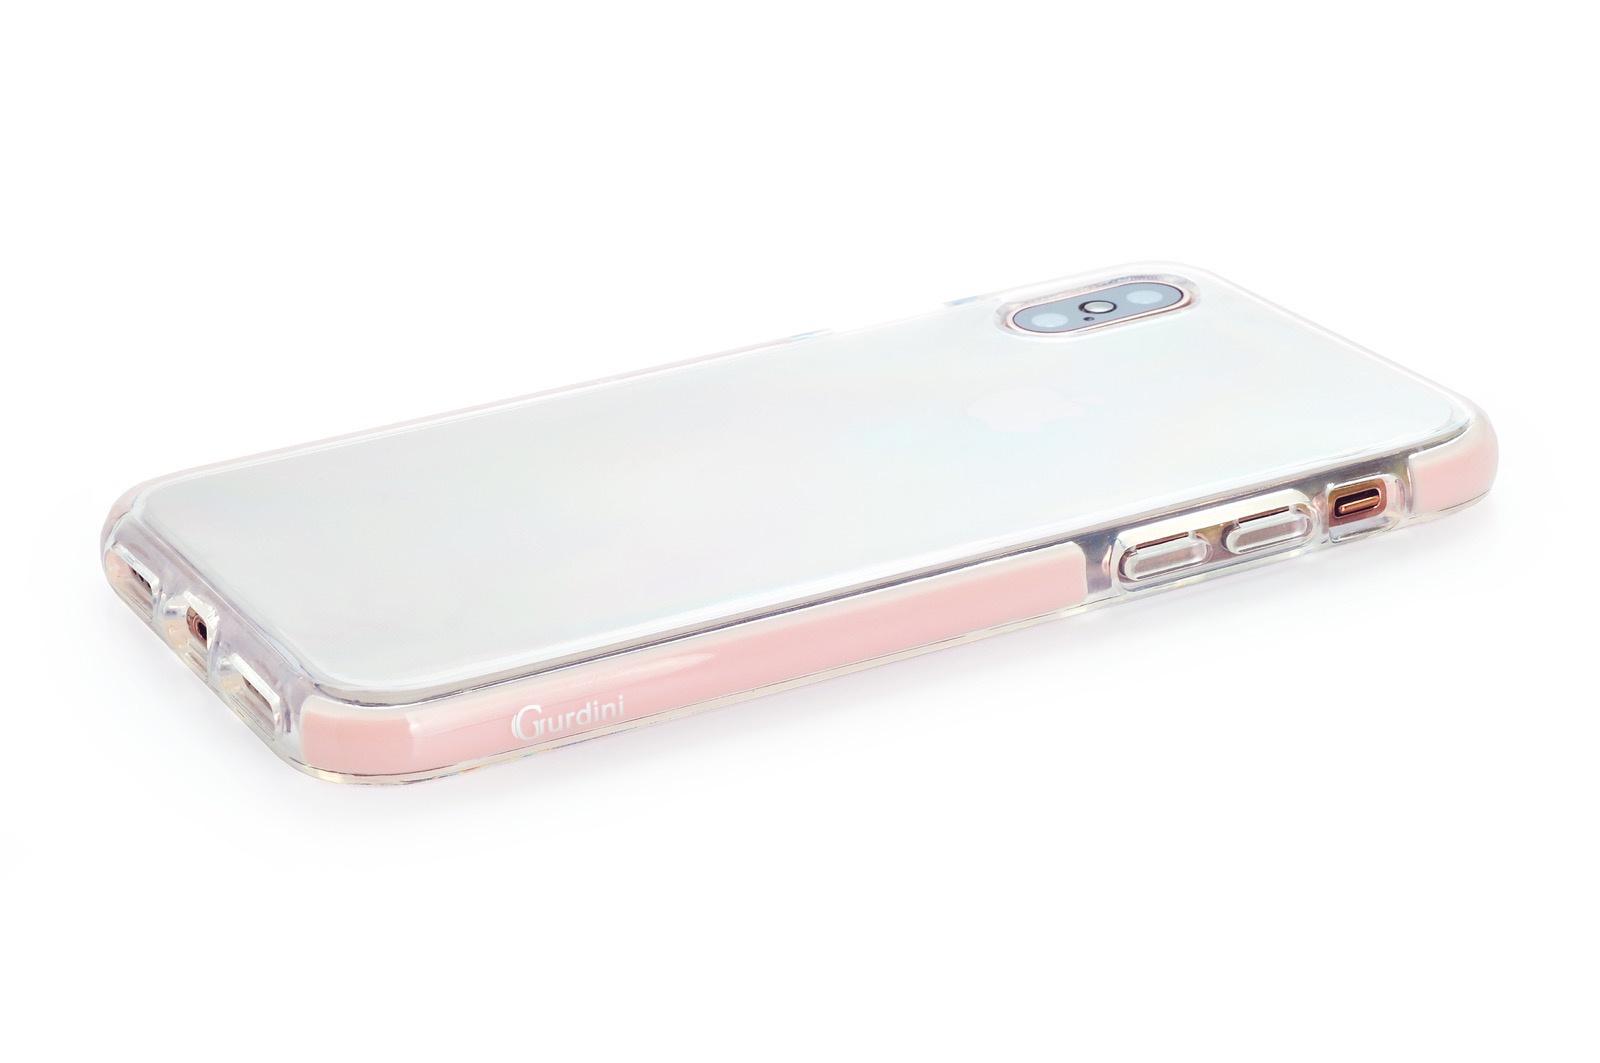 """Чехол для сотового телефона Gurdini Crystal Ice 906713 силикон противоударный для Apple iPhone XS Max 6.5"""", розовый"""